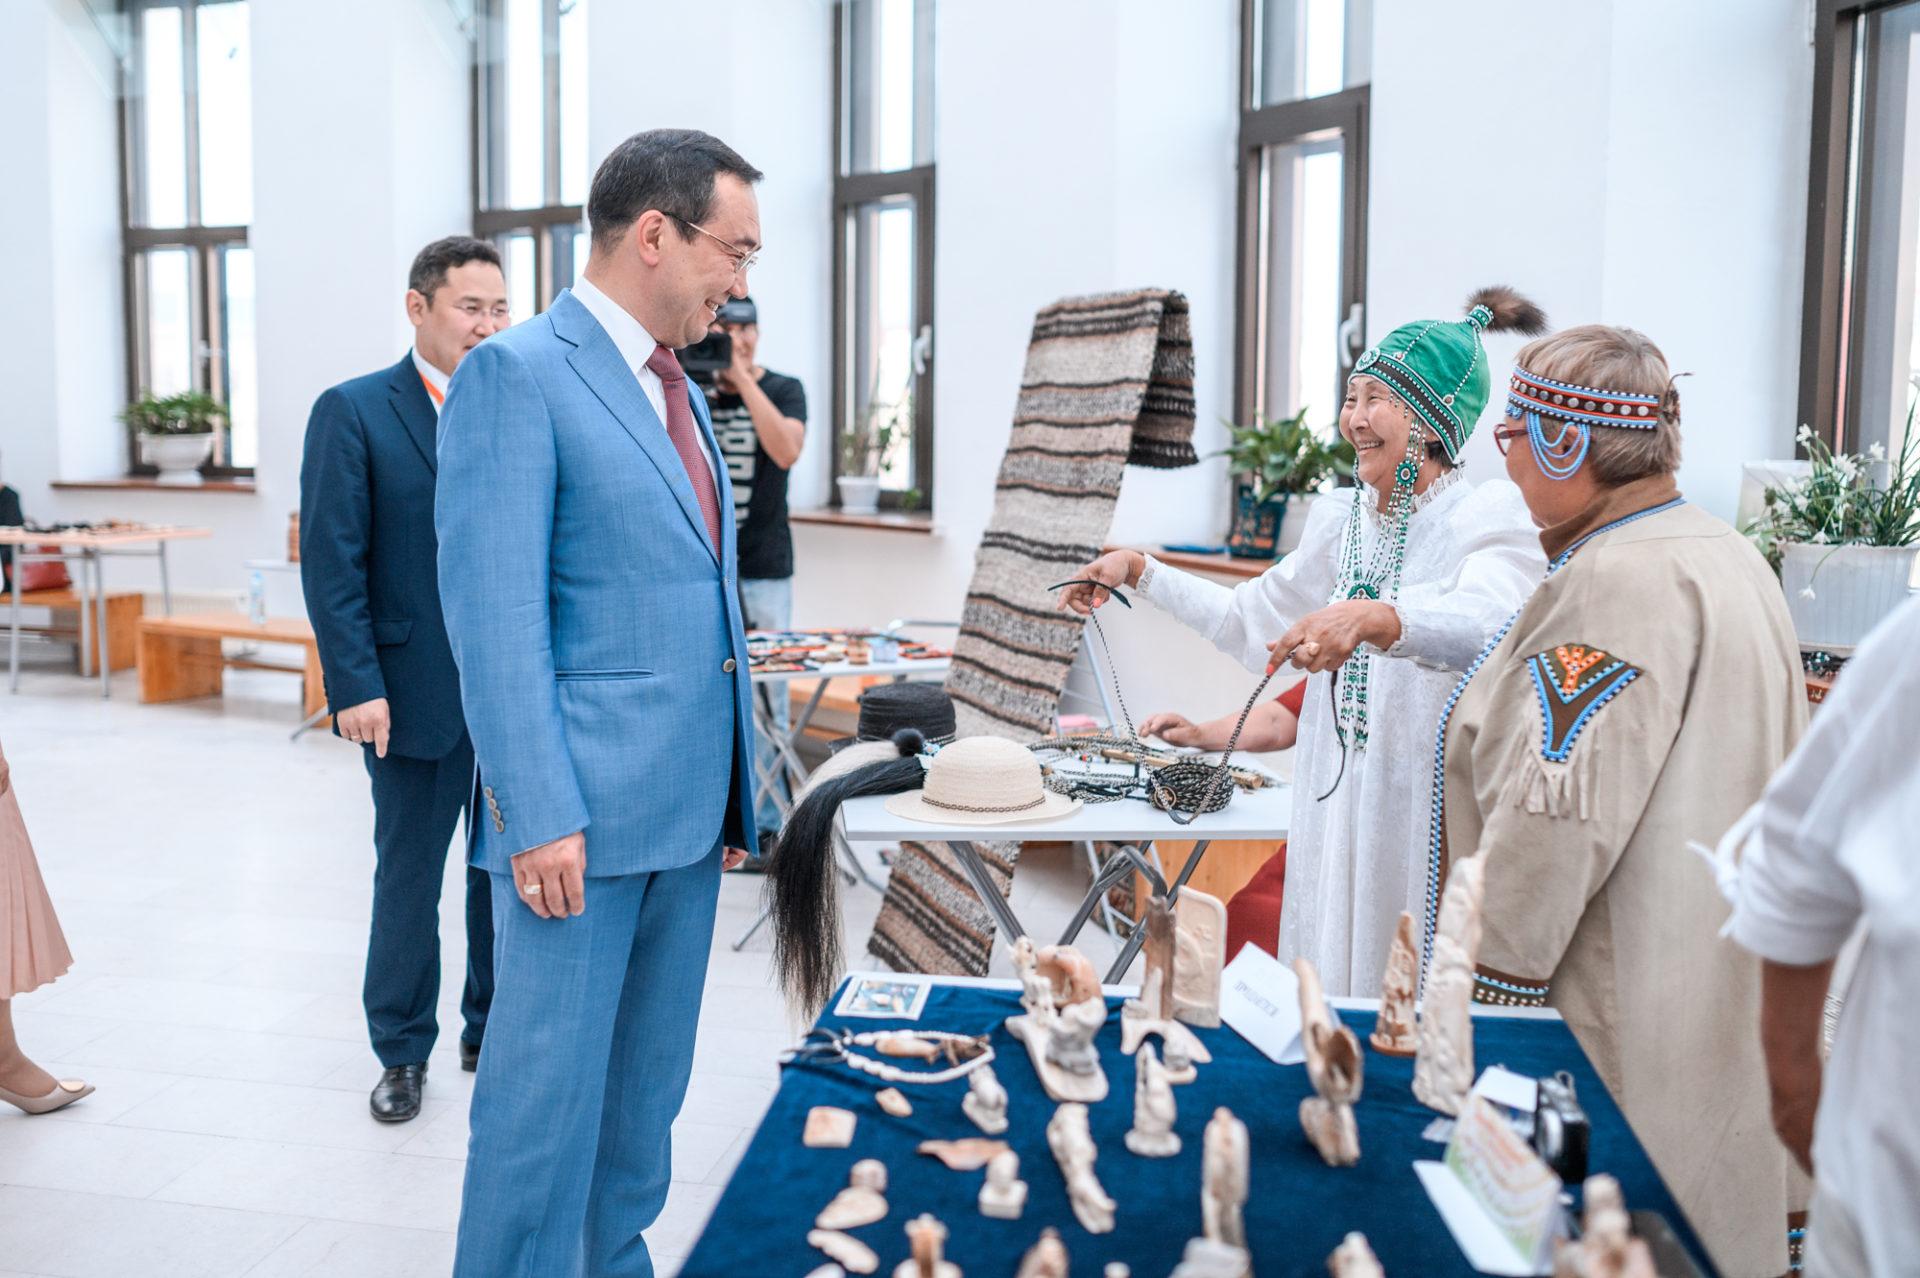 Айсен Николаев принял участие в открытии Международной конференции по сохранению языков народов мира в Якутске